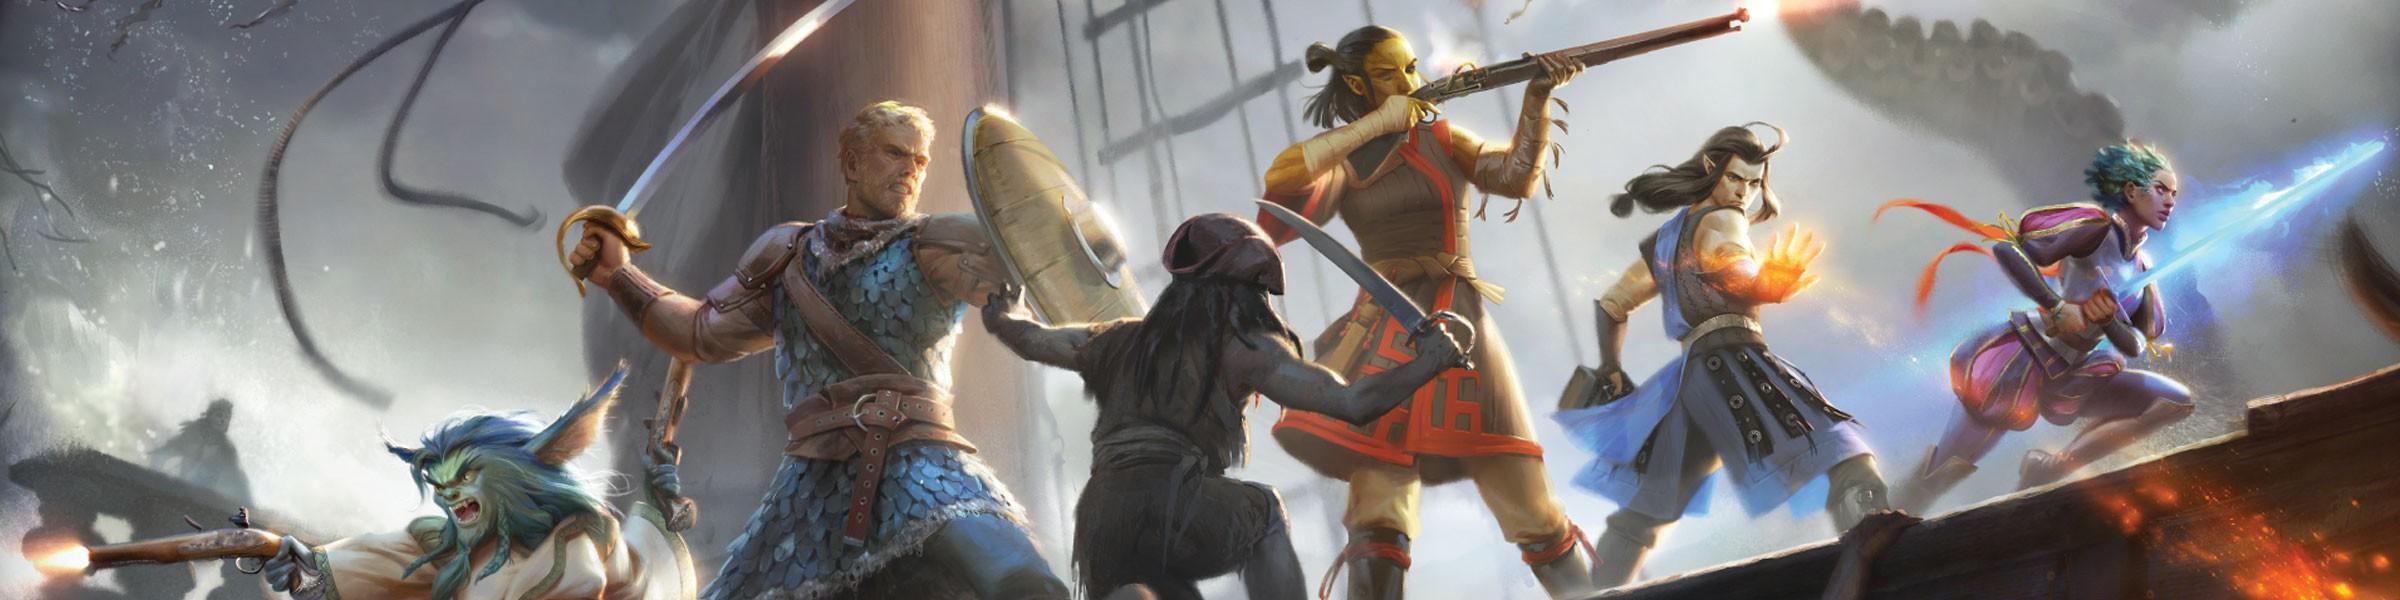 Pillars of Eternity II: Deadfire for PC/Mac | Origin